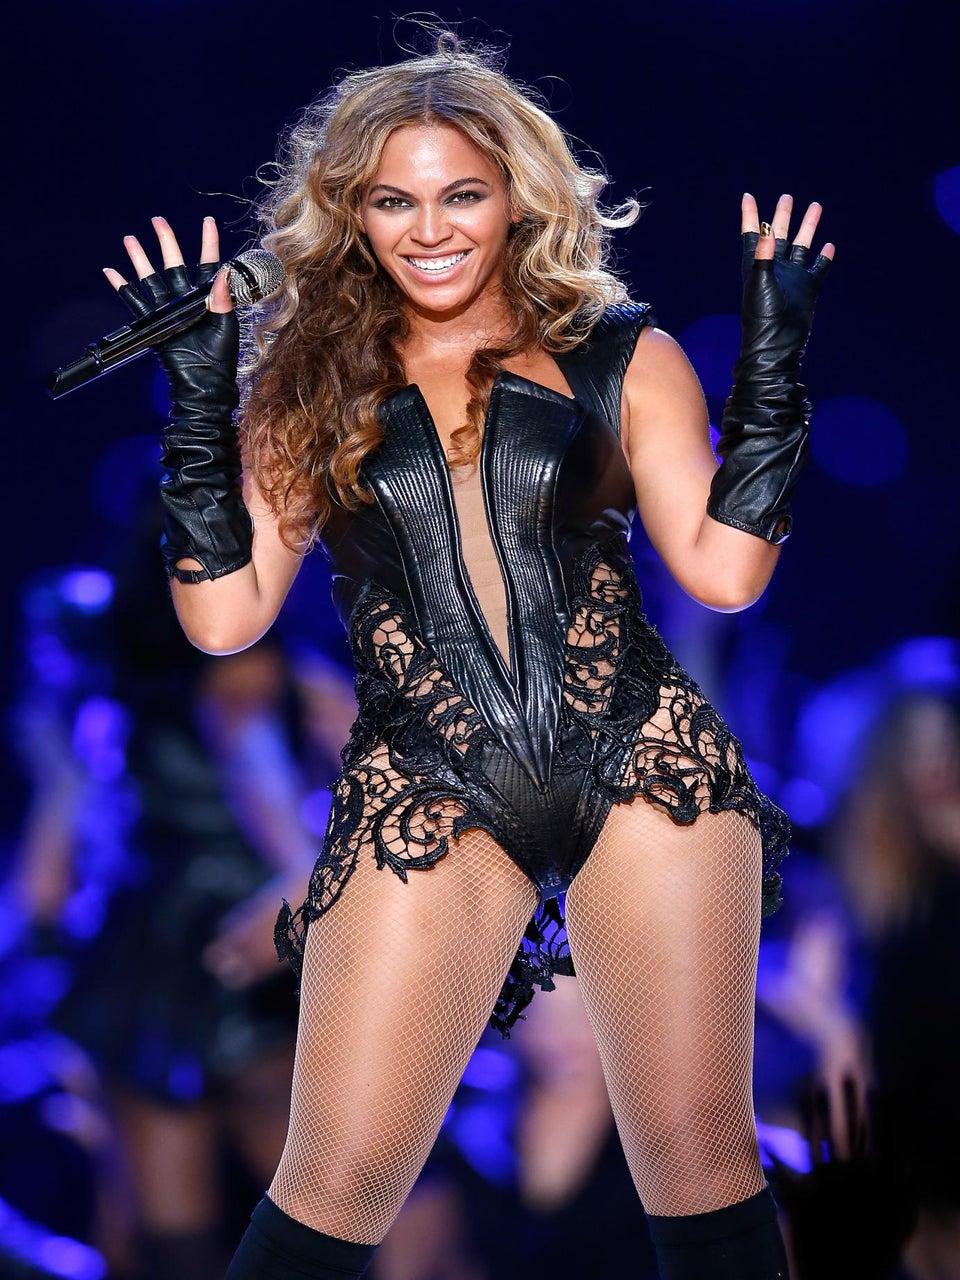 Beyoncé at the Super Bowl: Our Favorite Tweets